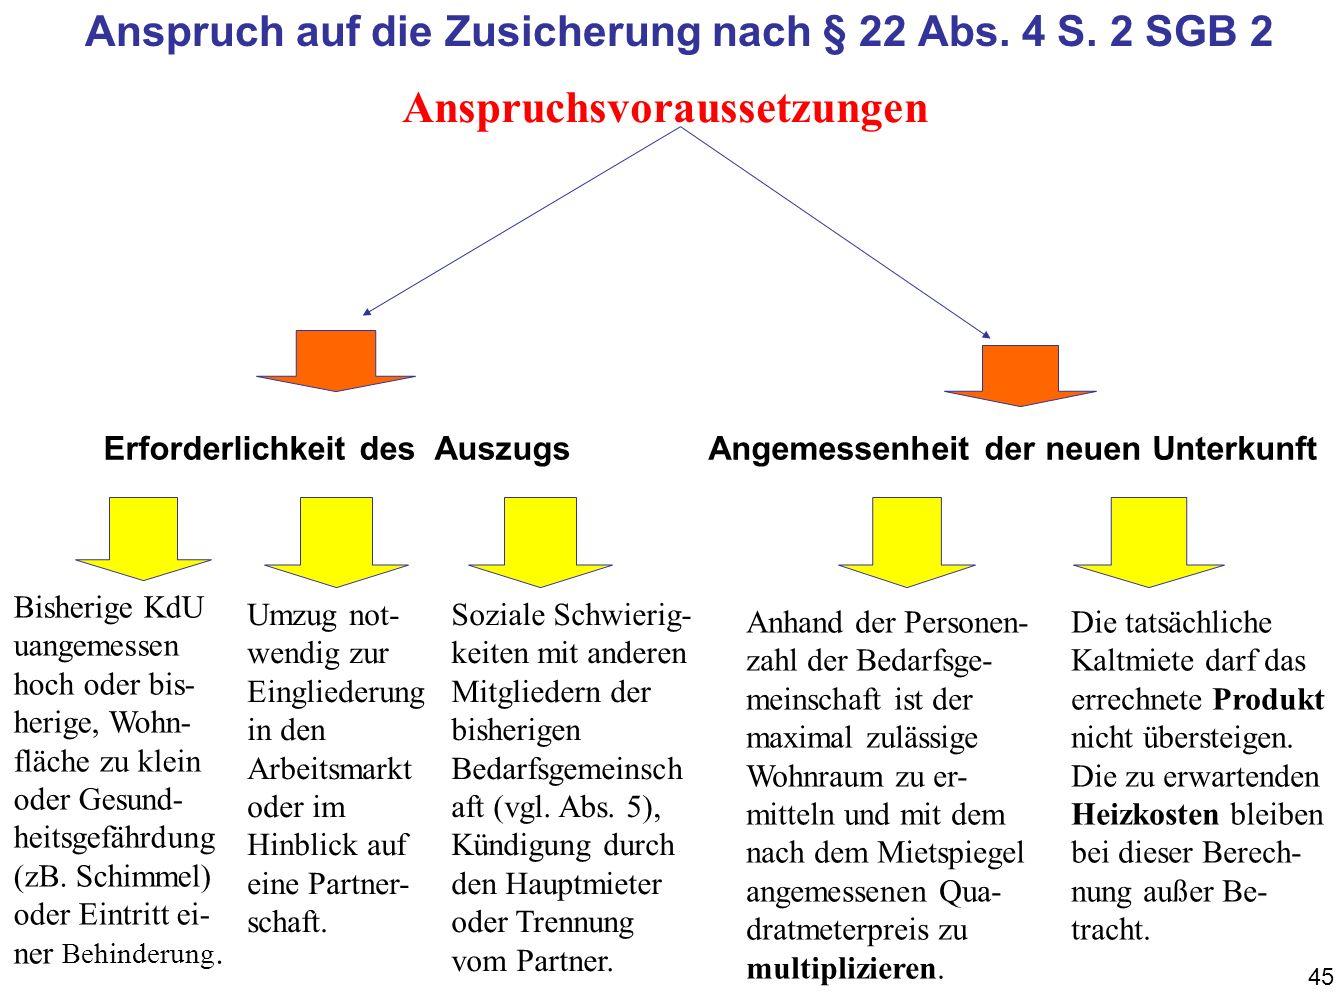 45 Anspruch auf die Zusicherung nach § 22 Abs.4 S.